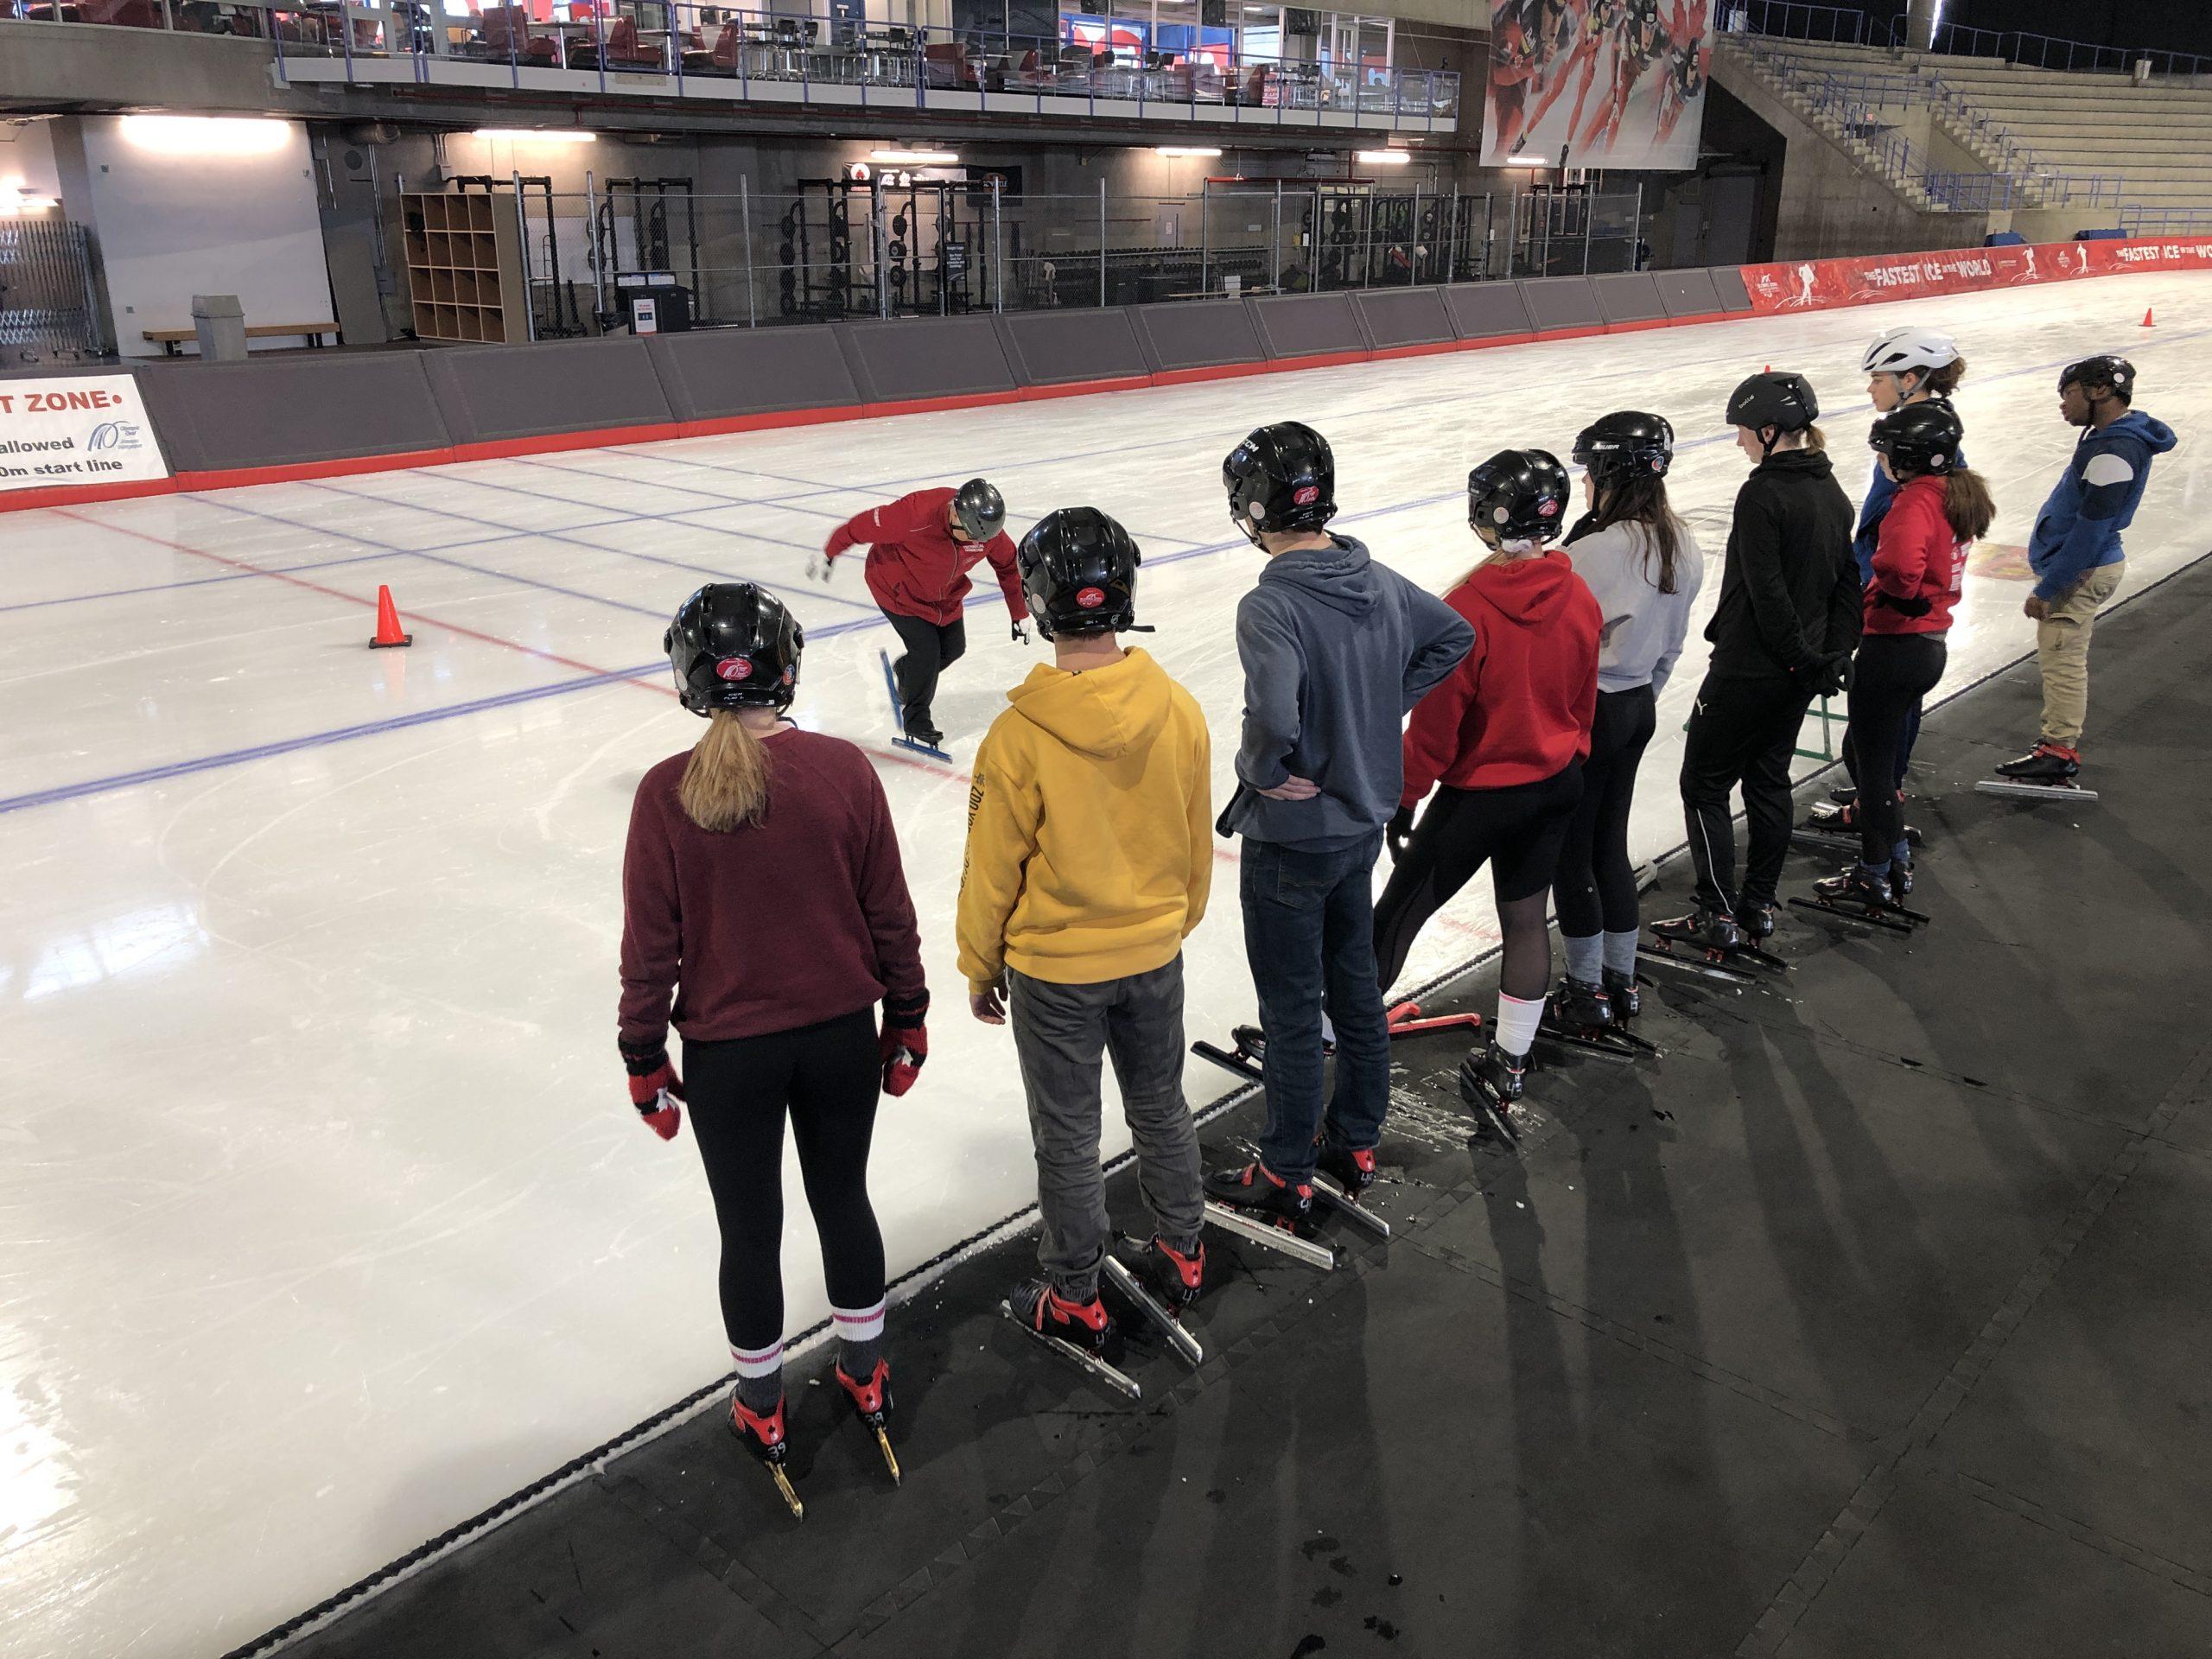 Debby teaching speed skating